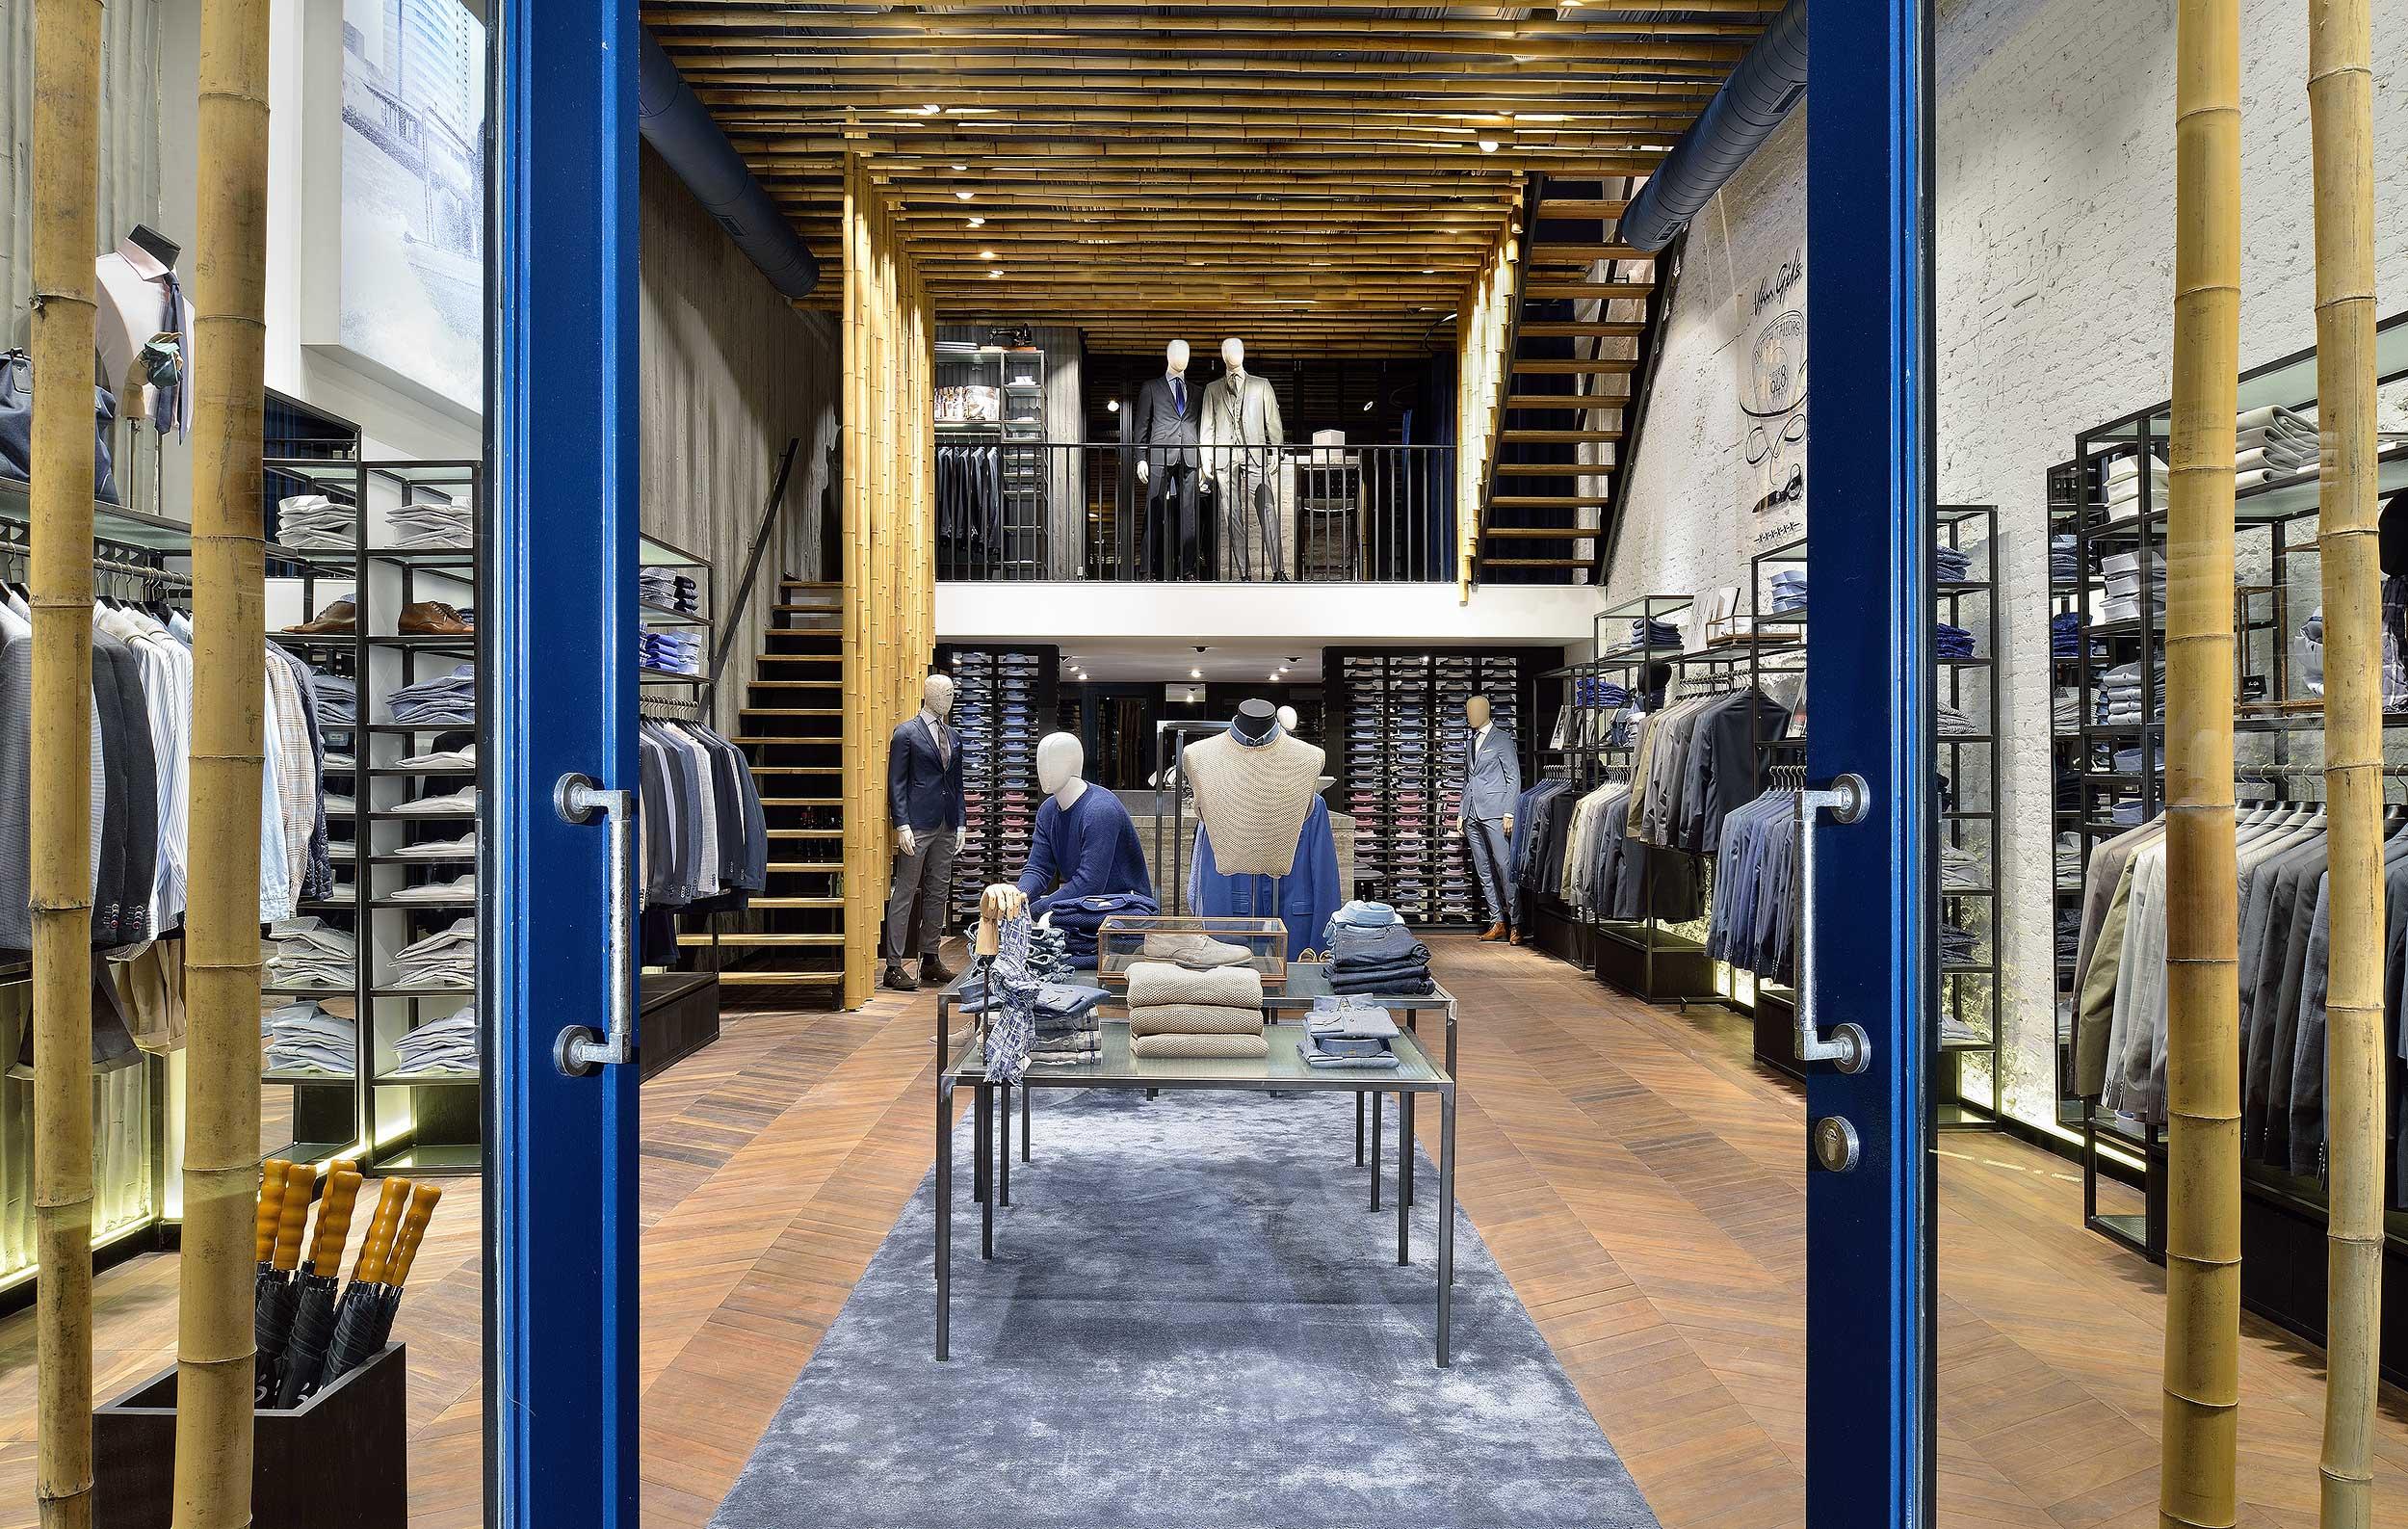 Van gils store amsterdam studio de nooyer architectuurfotograaf